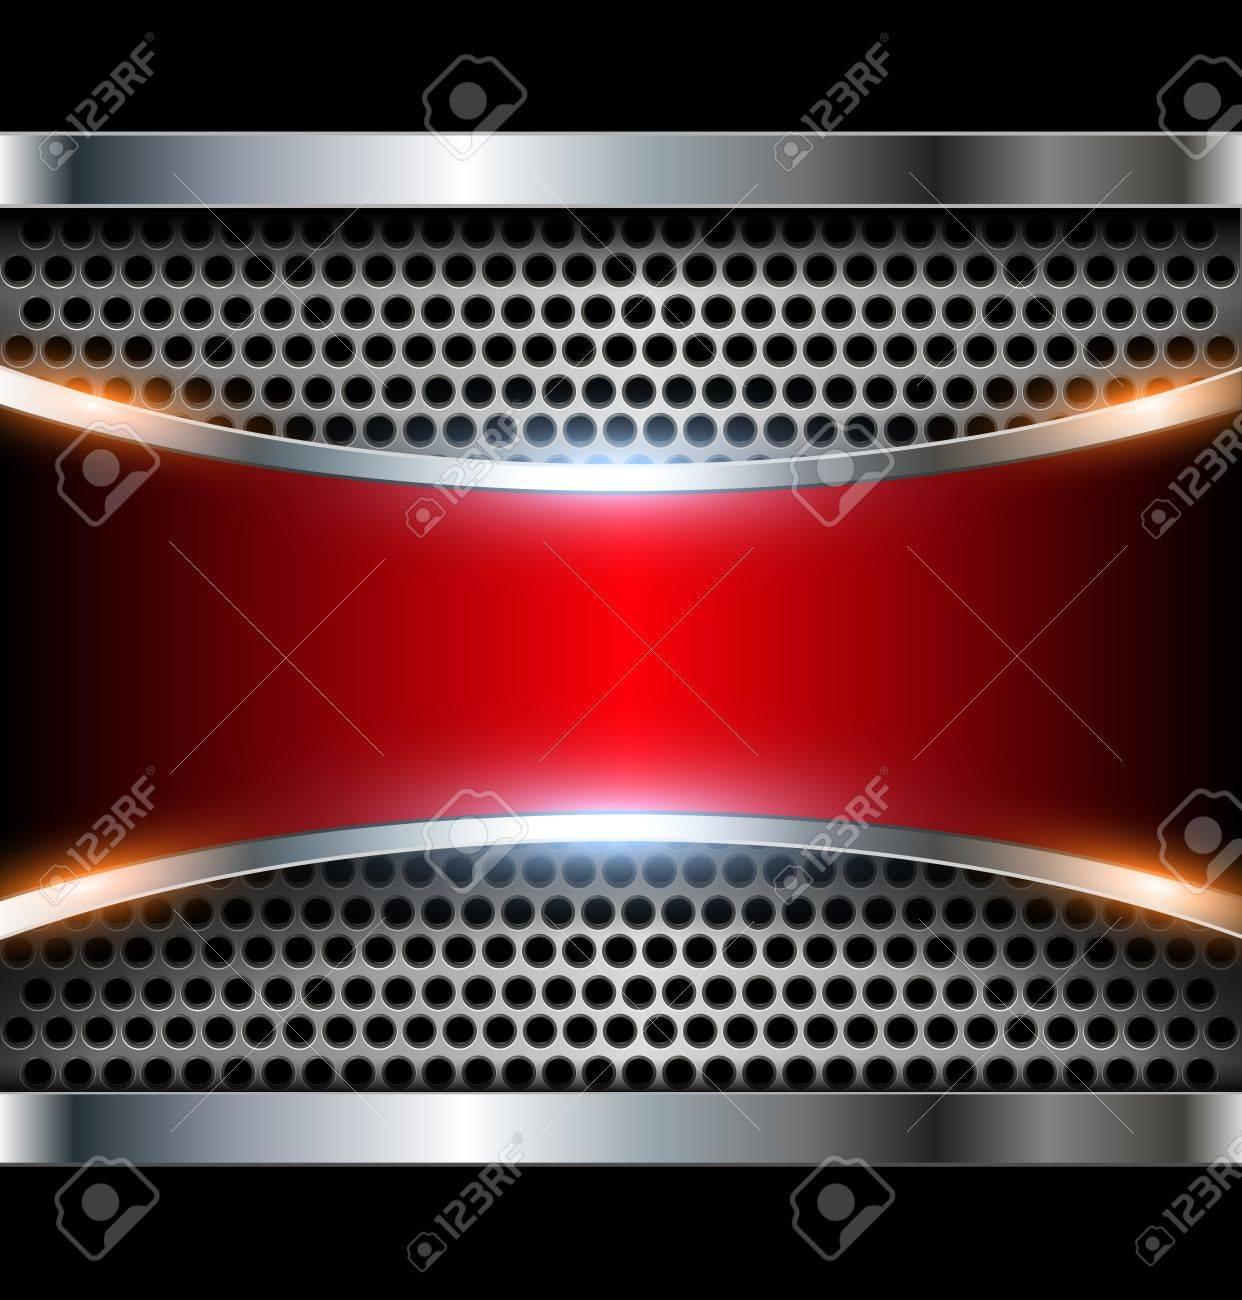 Elegant 3d metallic background Stock Vector - 17105975